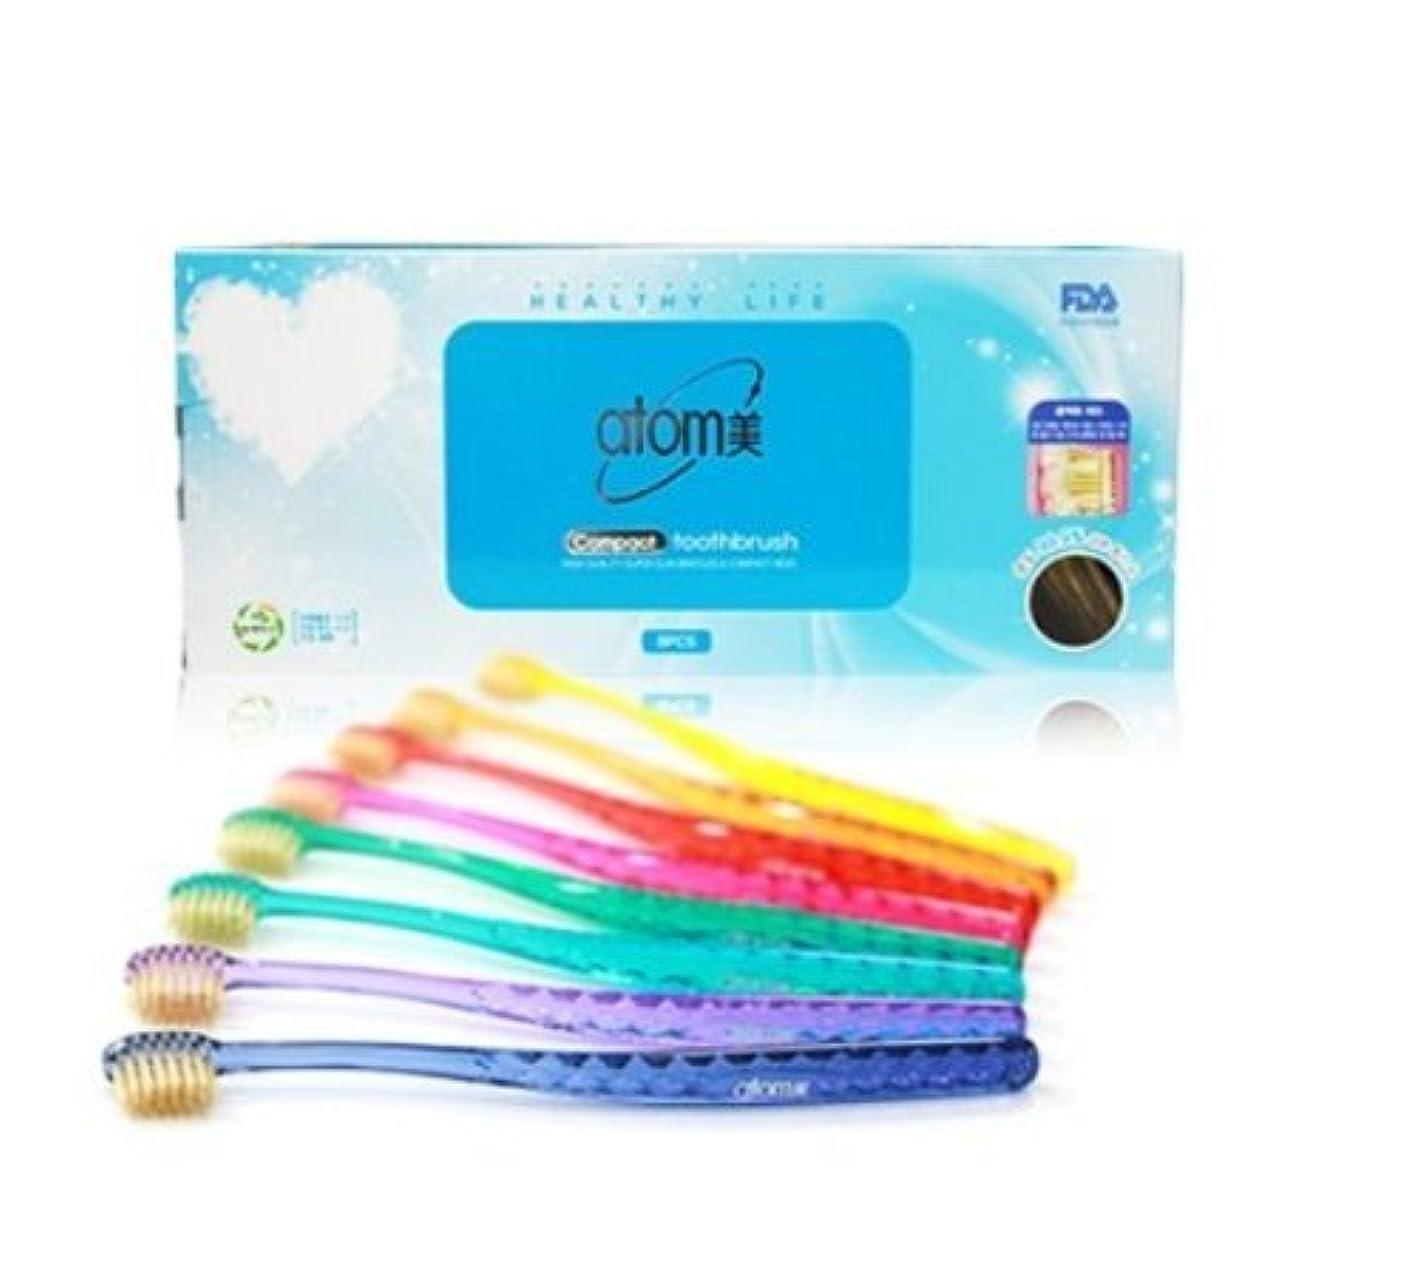 スキル売るハンディAtomi Atomy Atom美 アトミ アトミコンパクト歯ブラシ8本セット